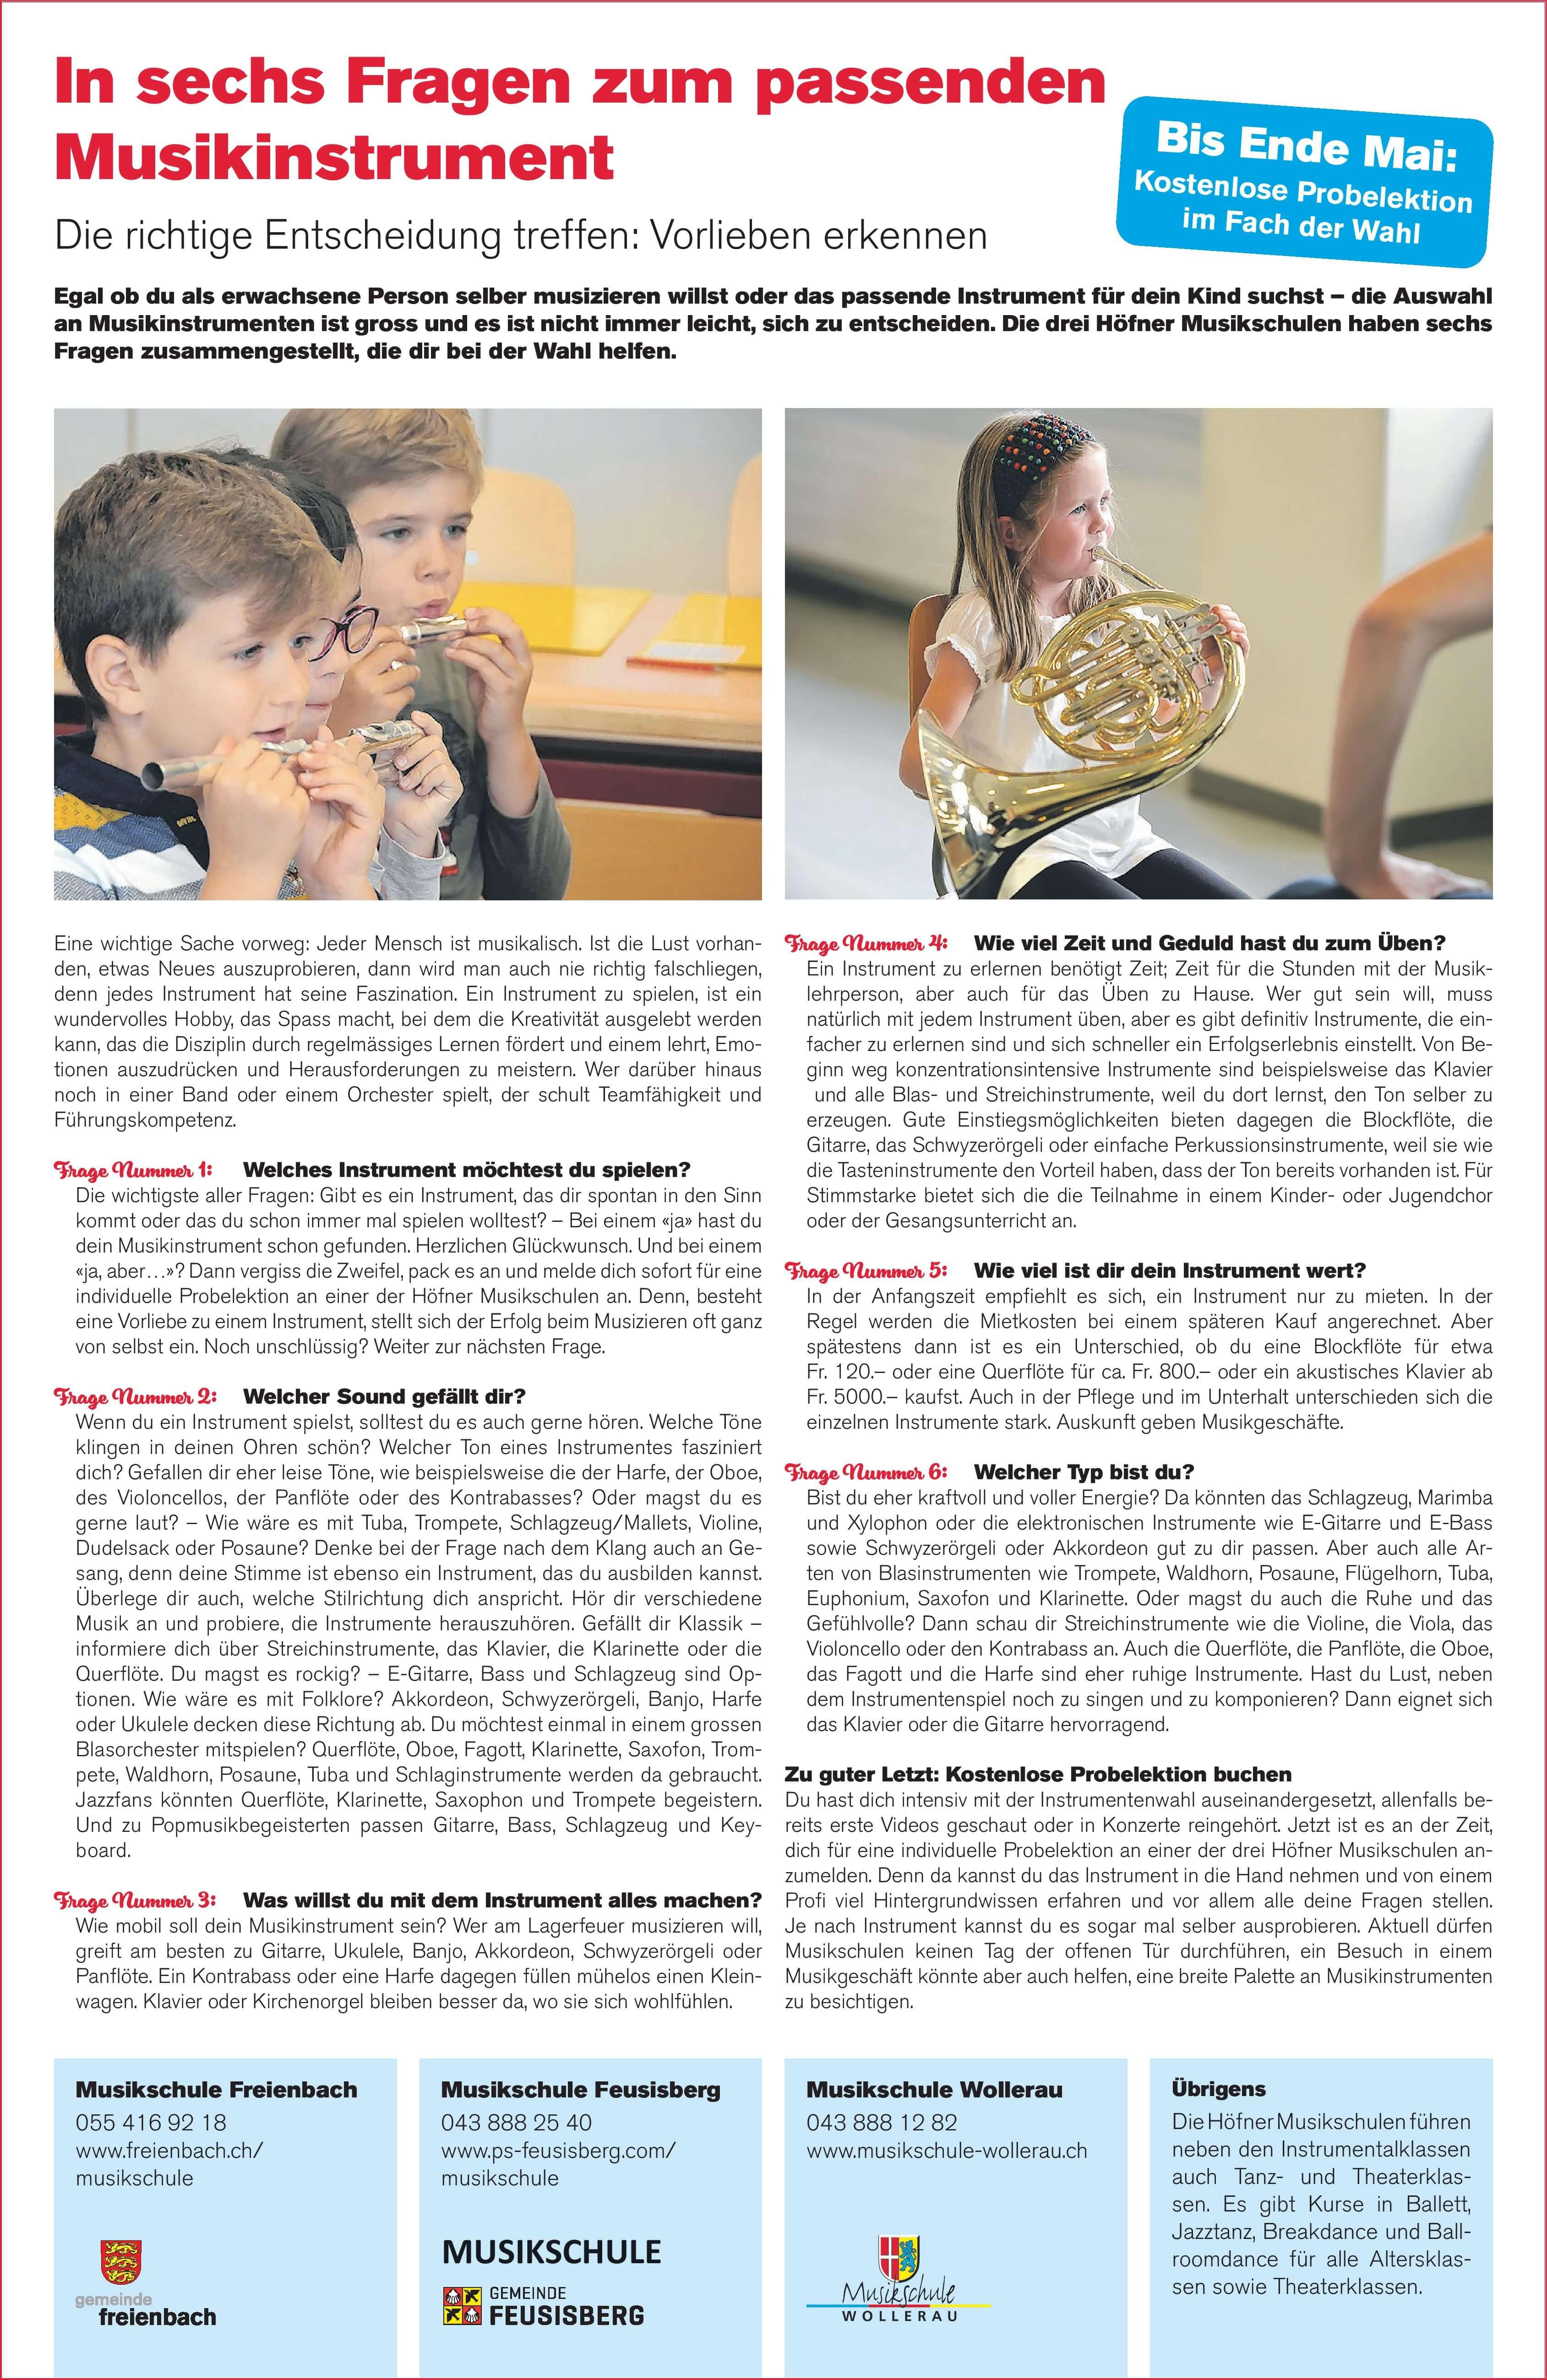 Höfner Inserat, Musikschule Freienbach – richtiger Entscheid